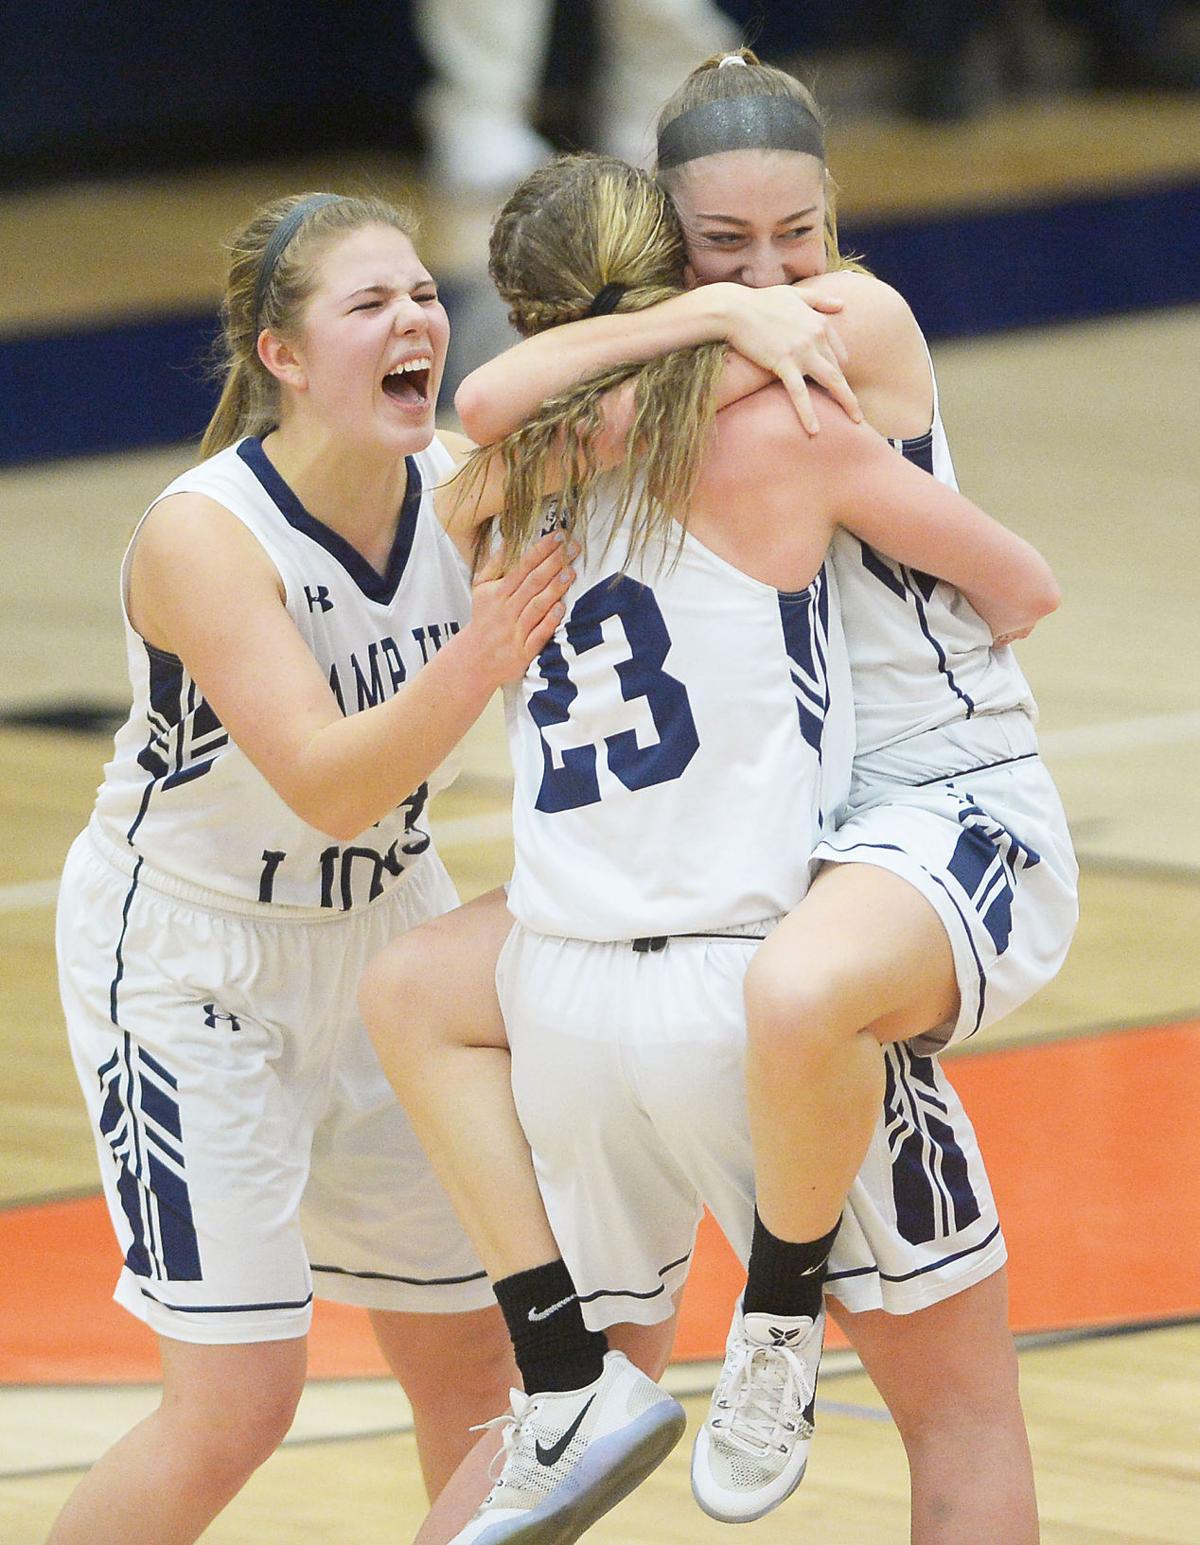 PIAA Class 2A Girls Basketball: Camp Hill vs Blairsville